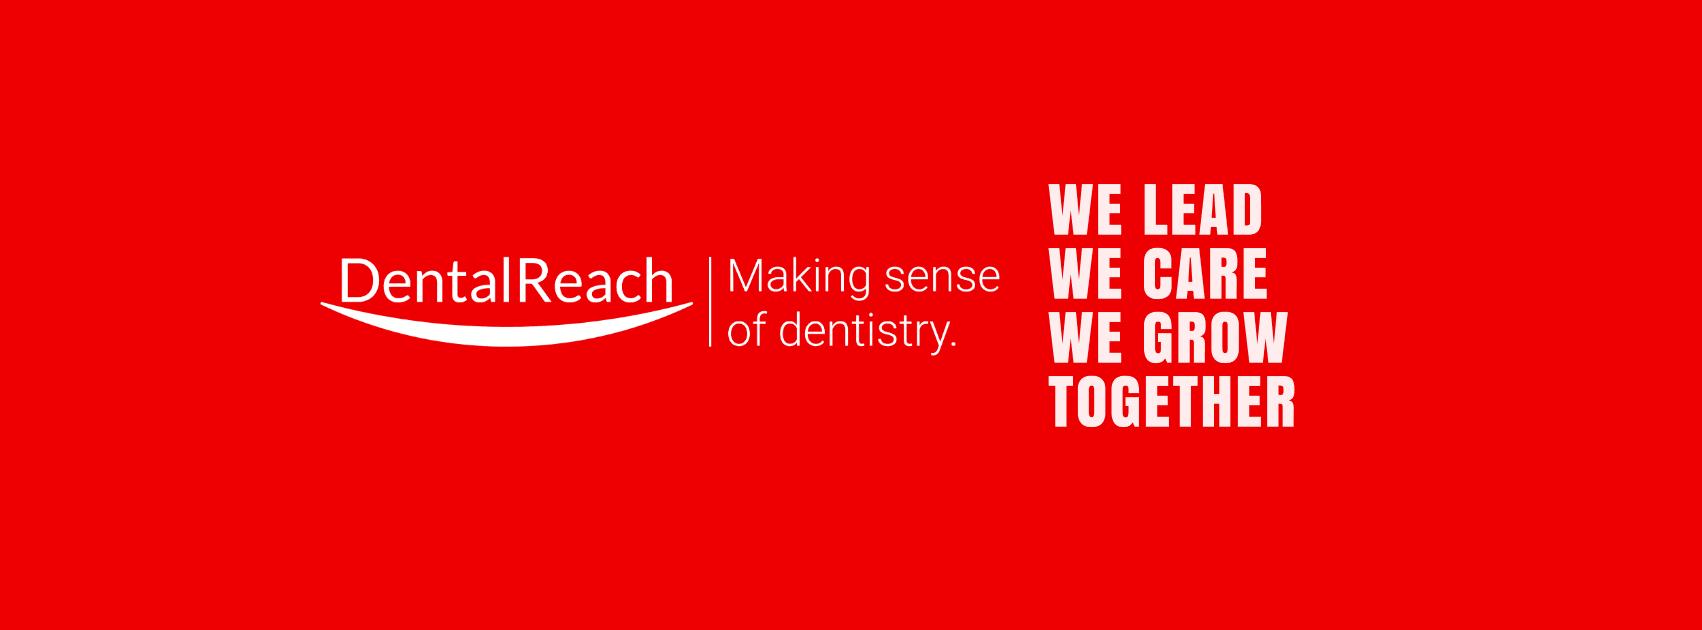 dentalreach_dentaldivas